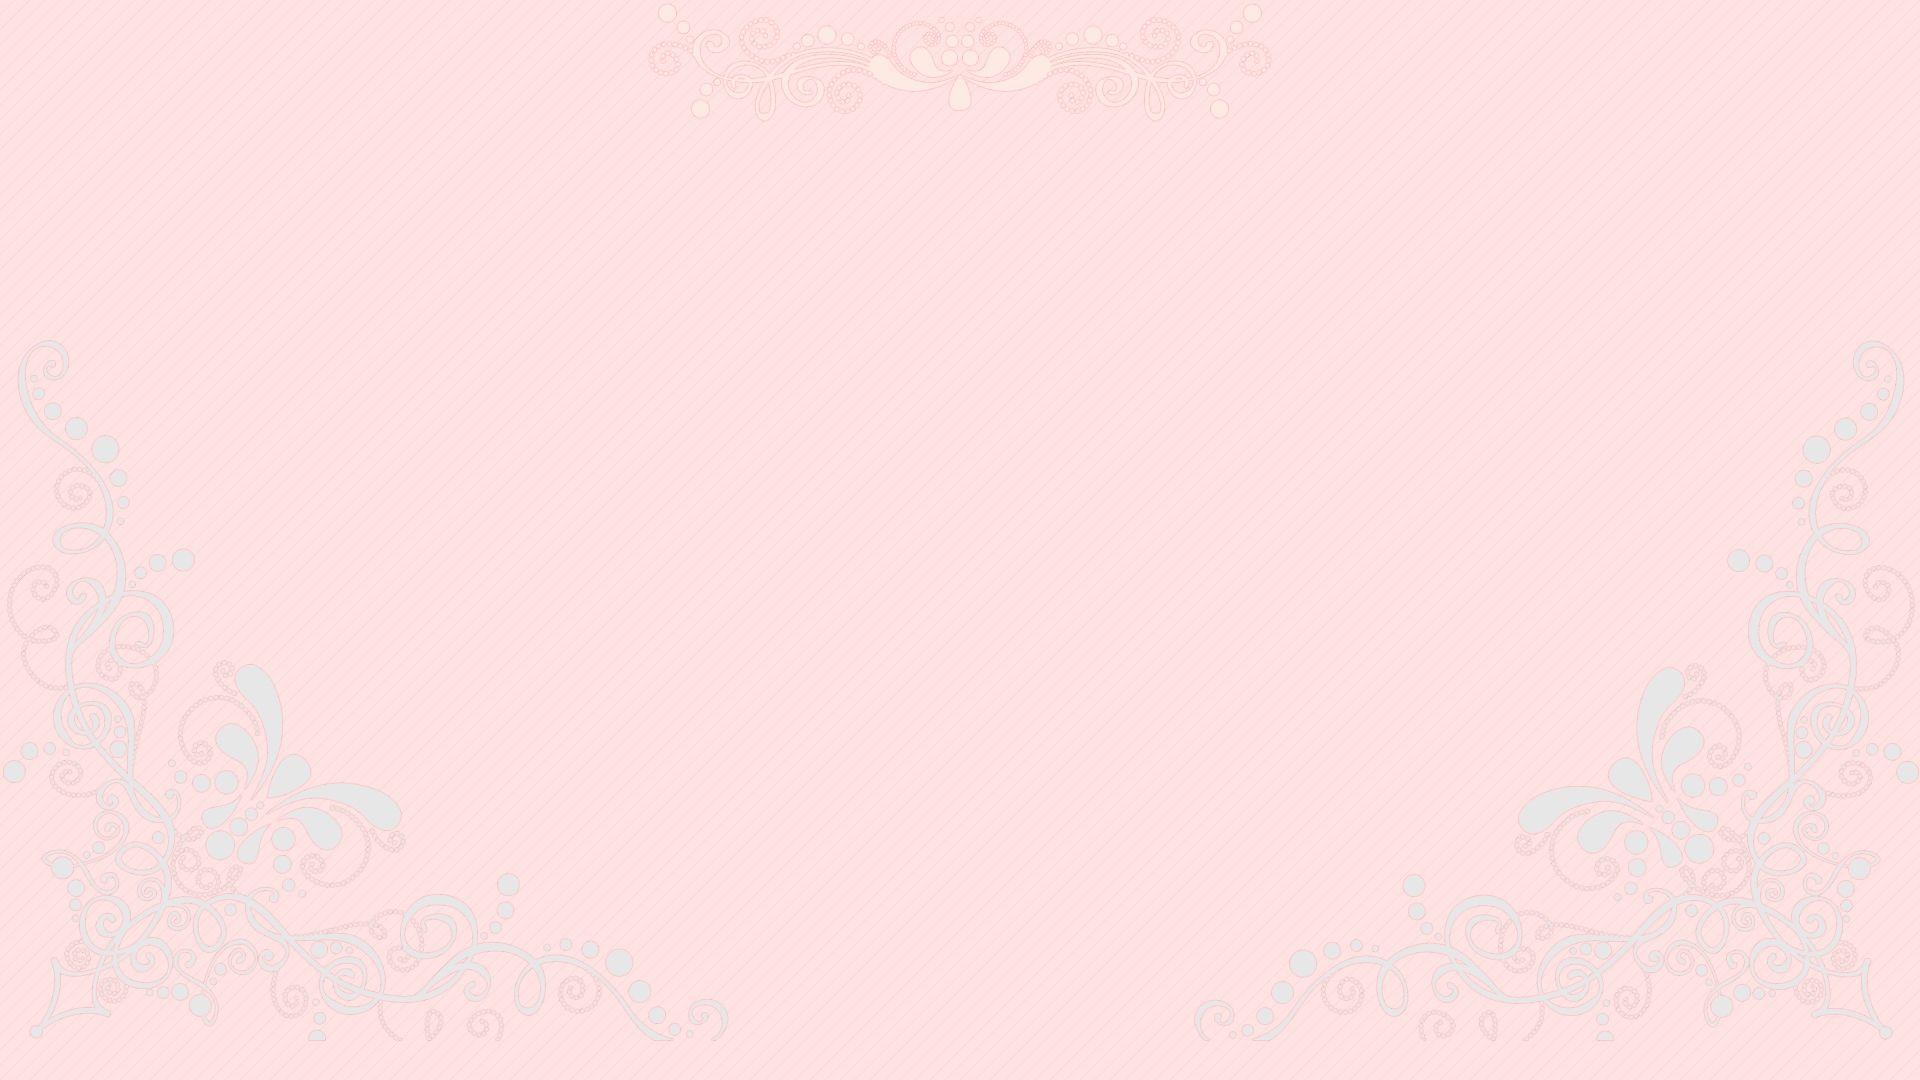 Hd desktop background pastel pastel pink pastel and - Pastel pink wallpaper hd ...